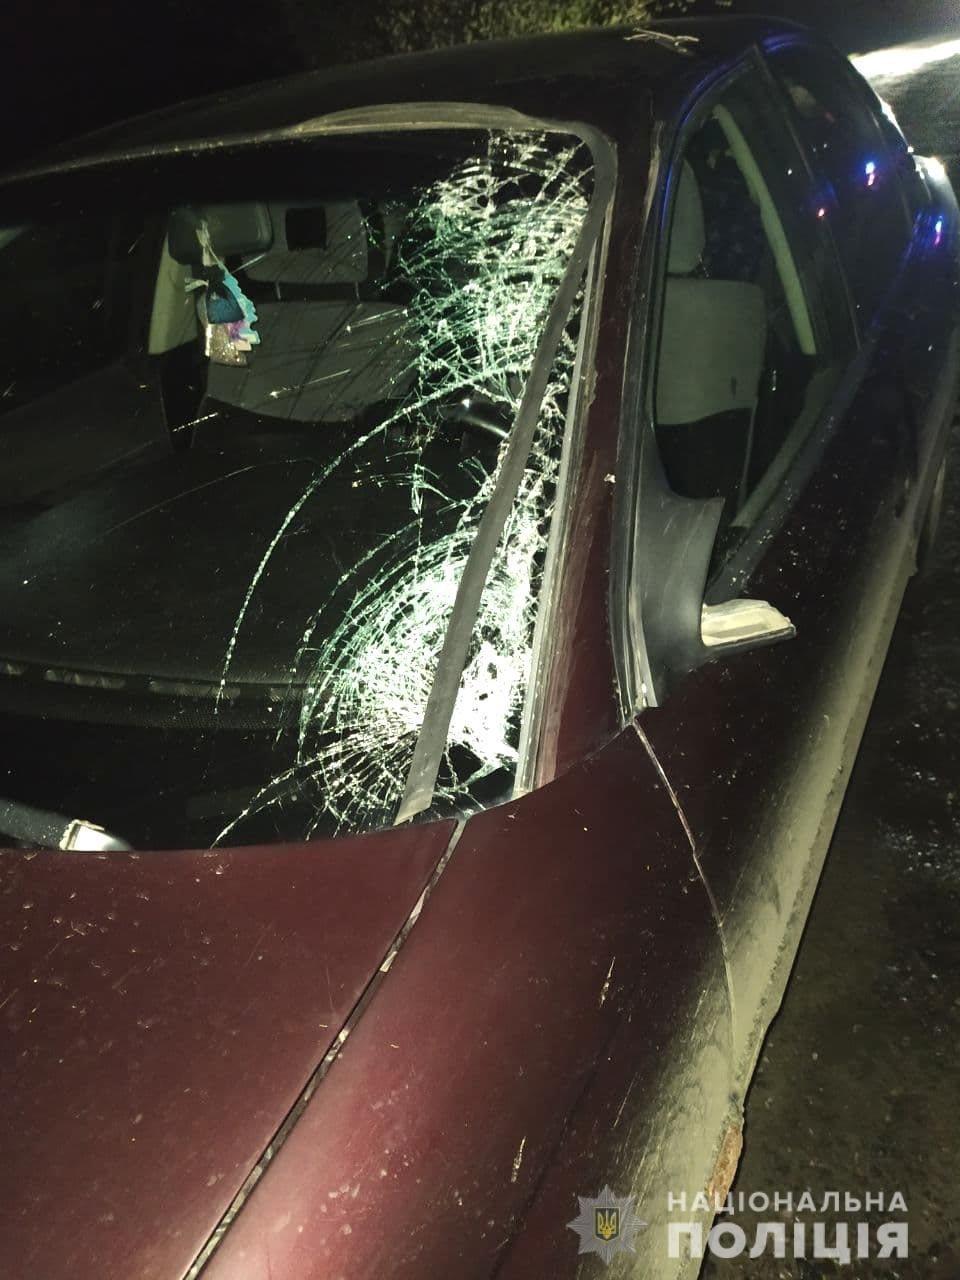 На Рівненщині сталася ДТП: автомобіль збив пішохода з велосипедом у руках, фото-2